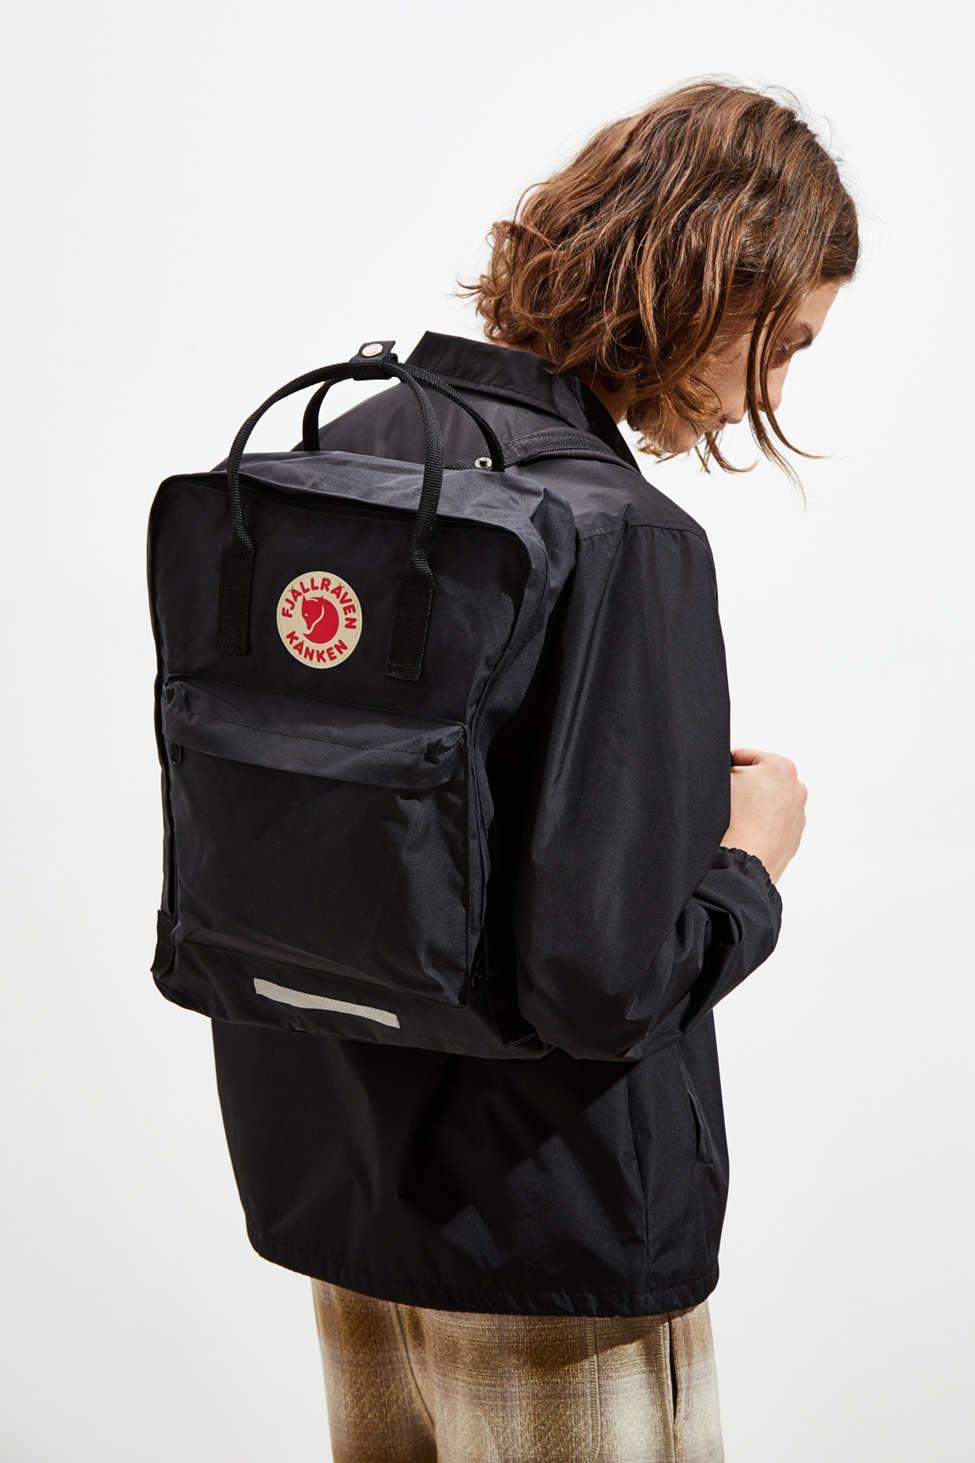 Fjallraven Kanken Big Backpack Urban Outfitters